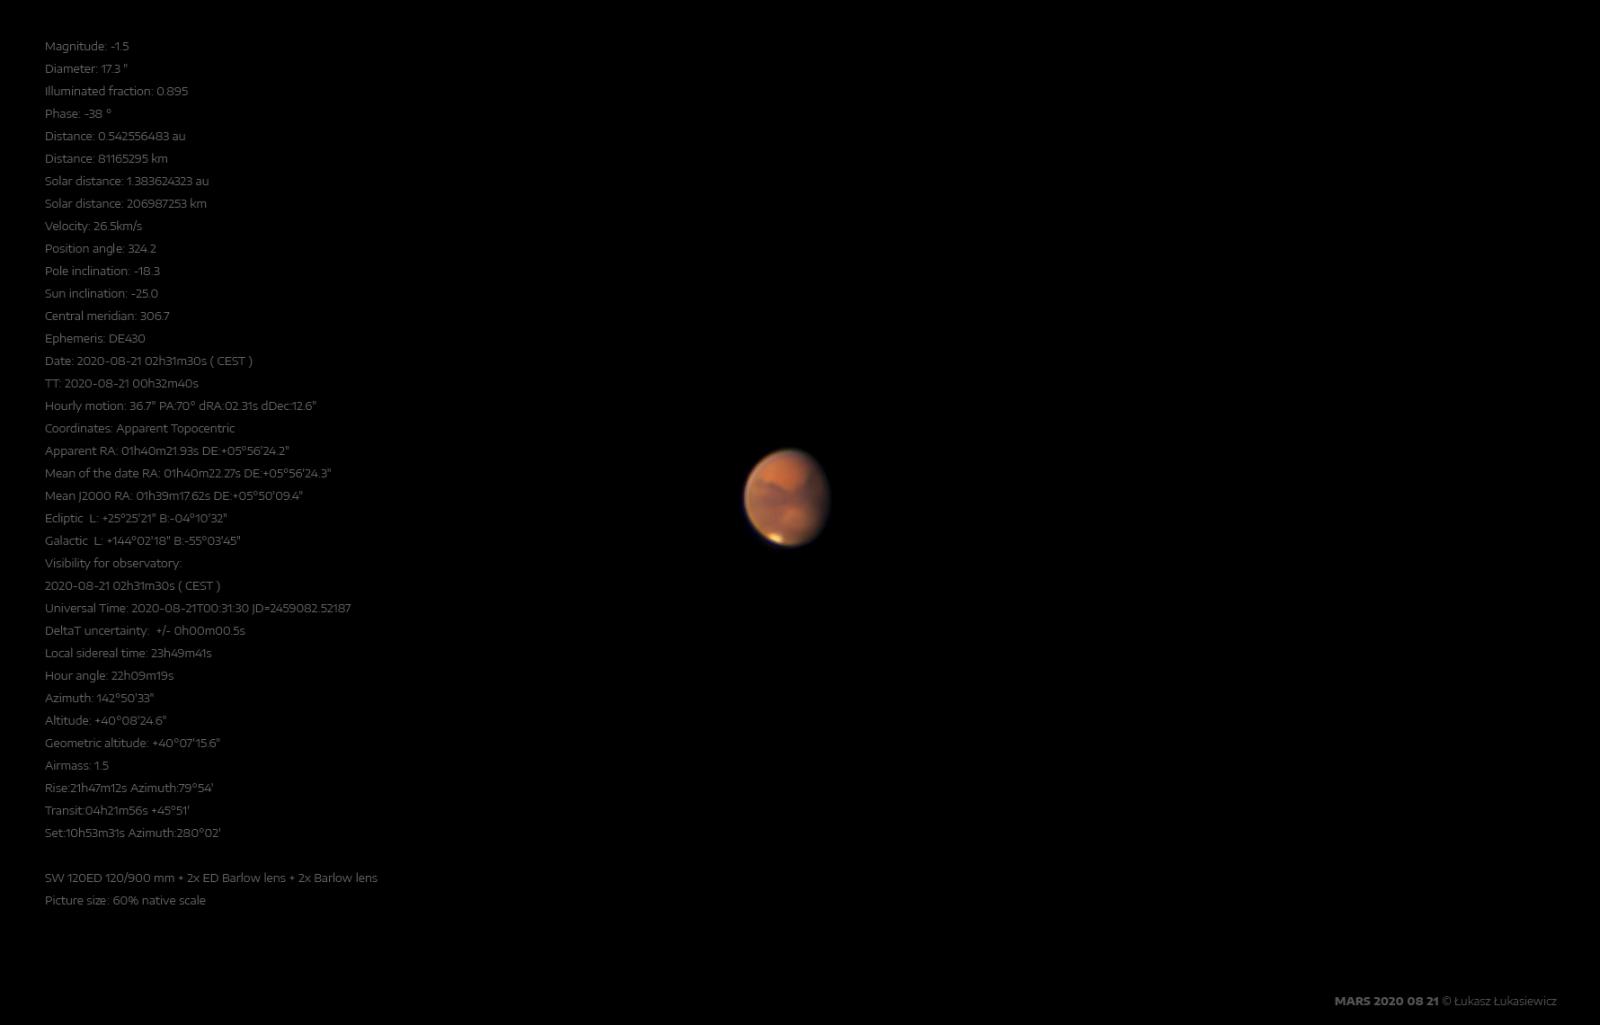 MARS-2020-08-21d.png